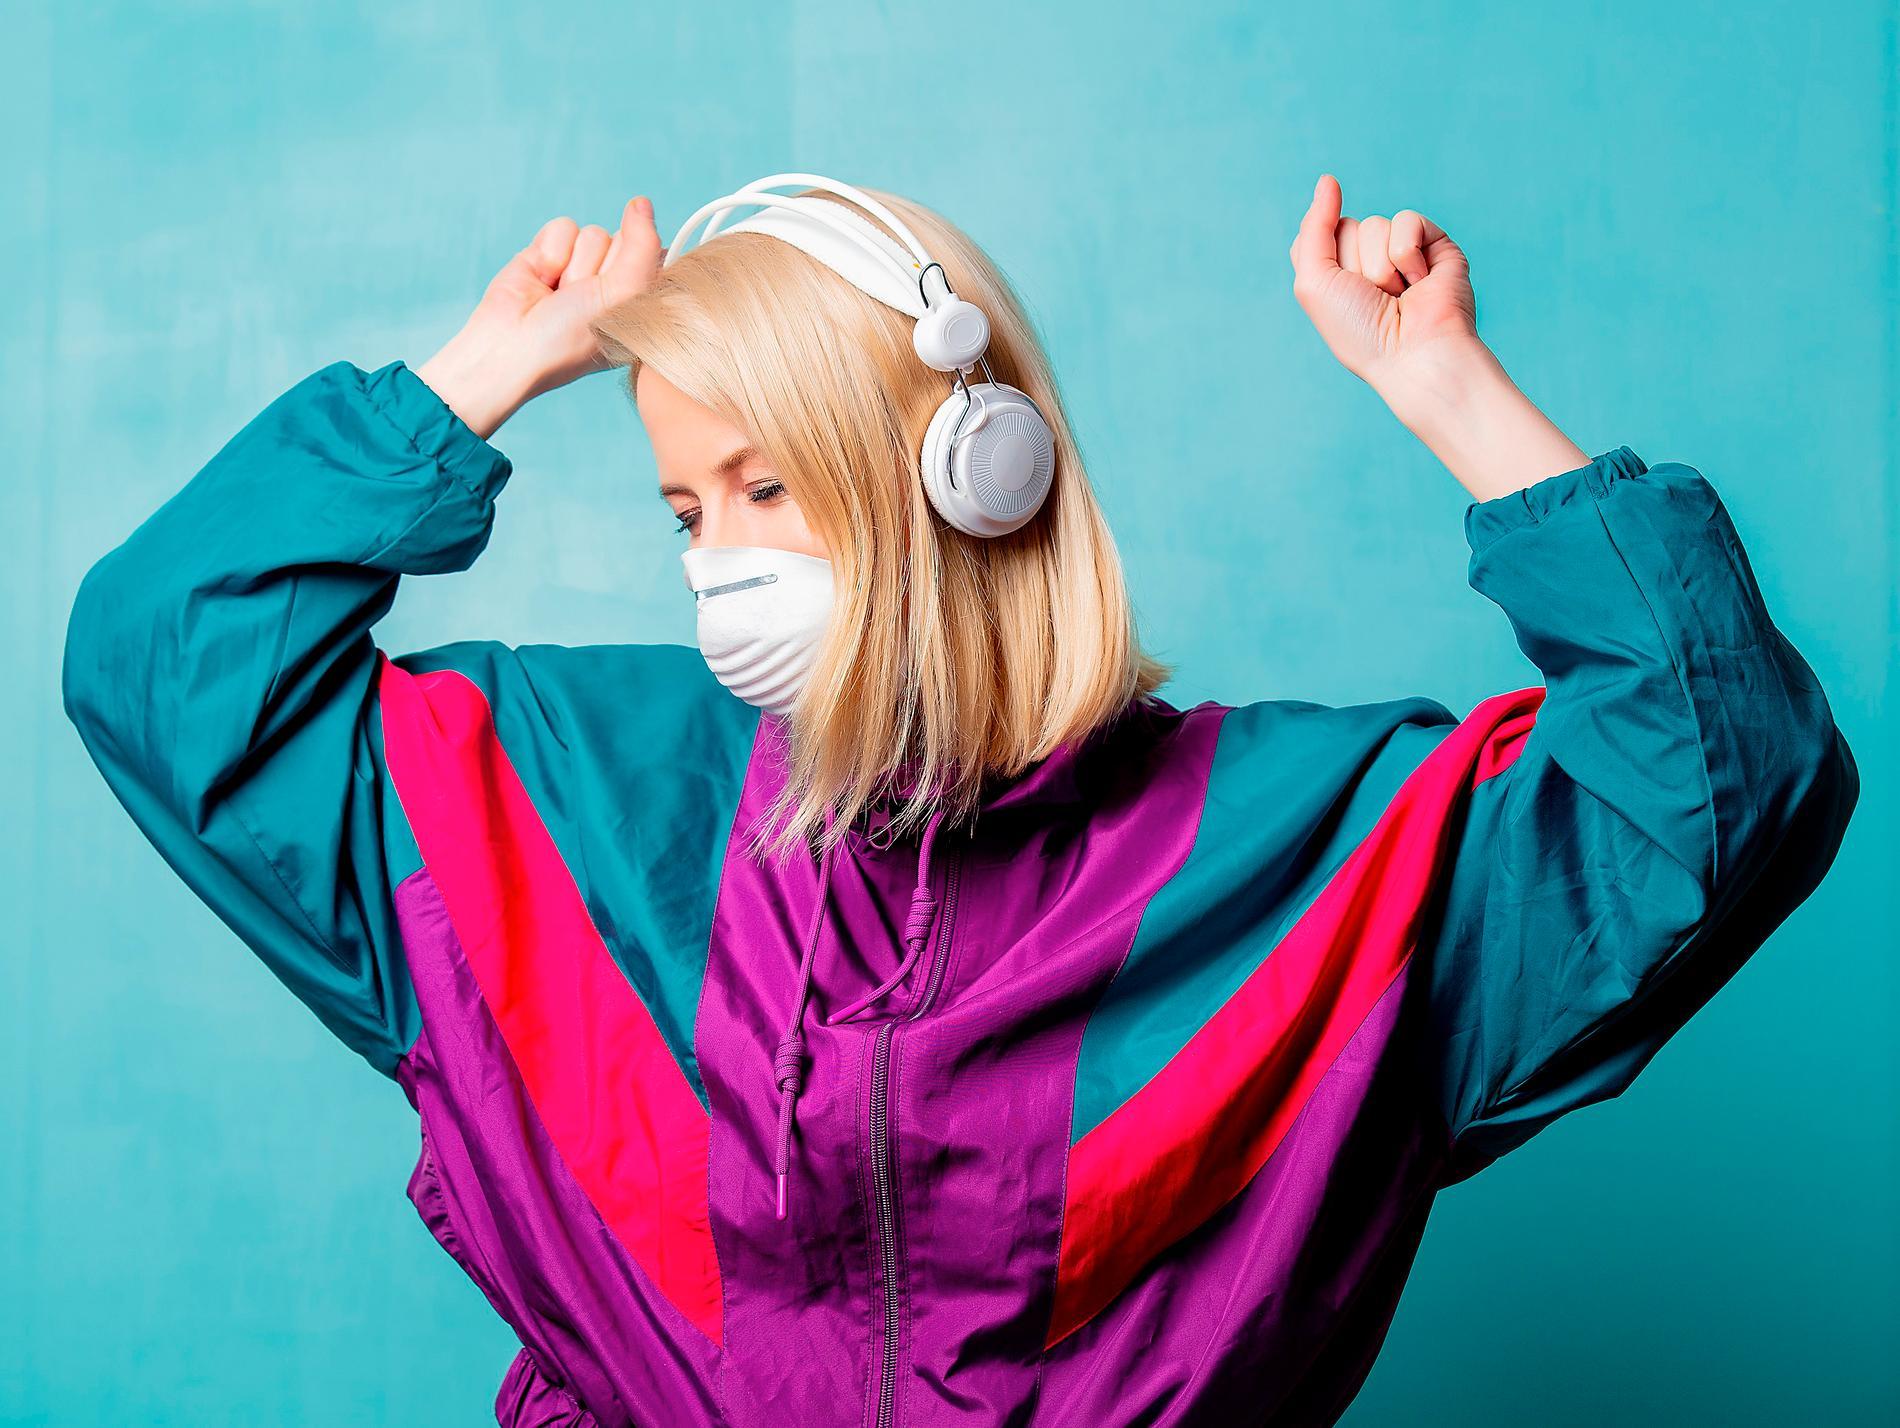 Självmedicinera med musik, råder Mikael Strömberg som själv kurerar sin svåra sjukdom med läkande låtar.